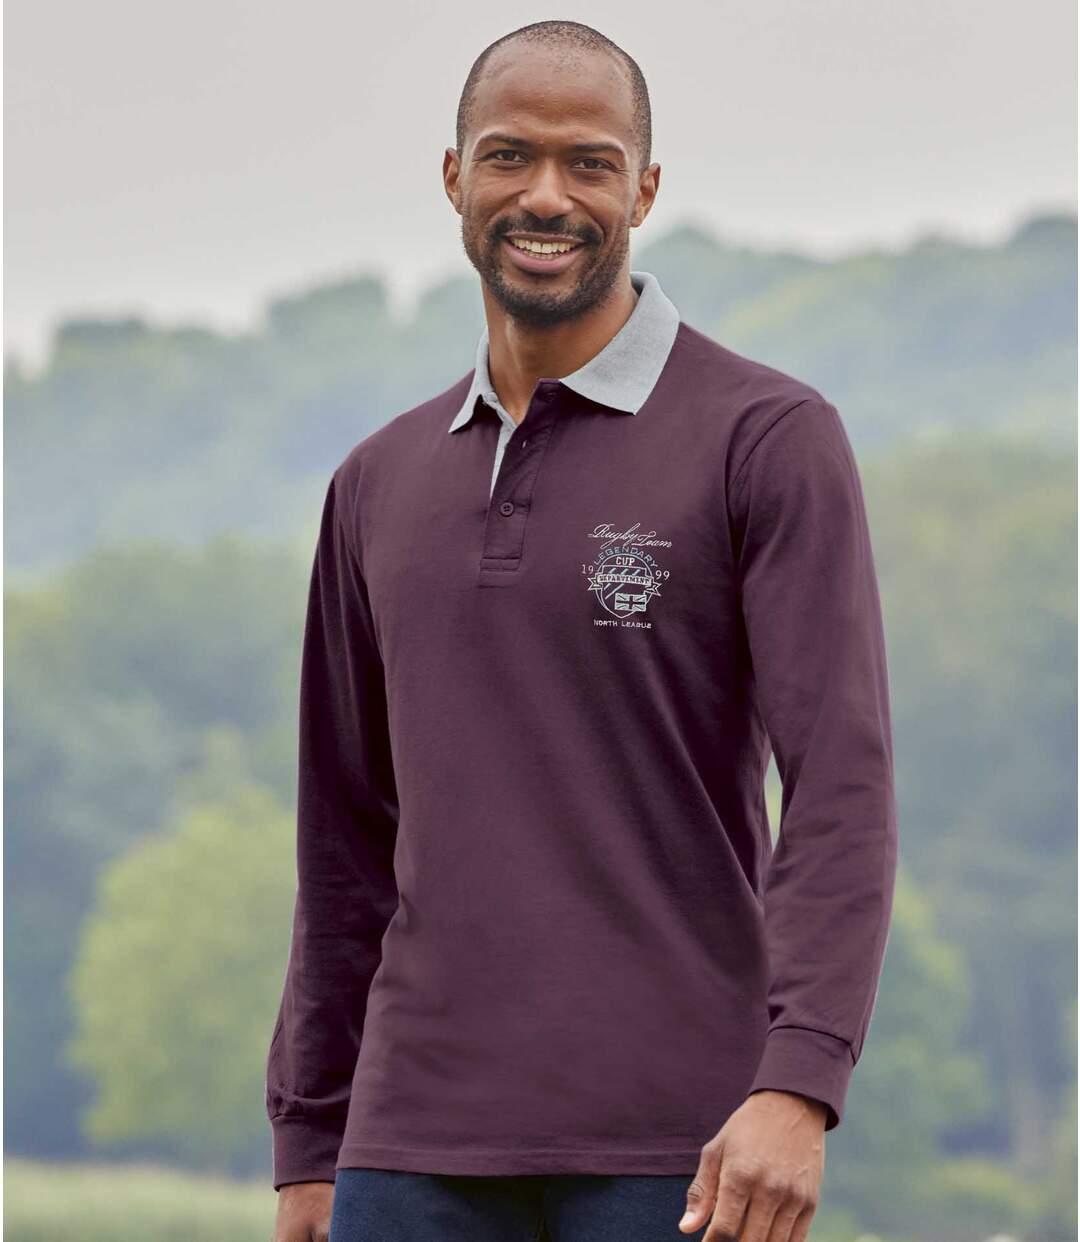 Pack of 2 Men's Long-Sleeved Polo Shirts - Black Burgundy Atlas For Men